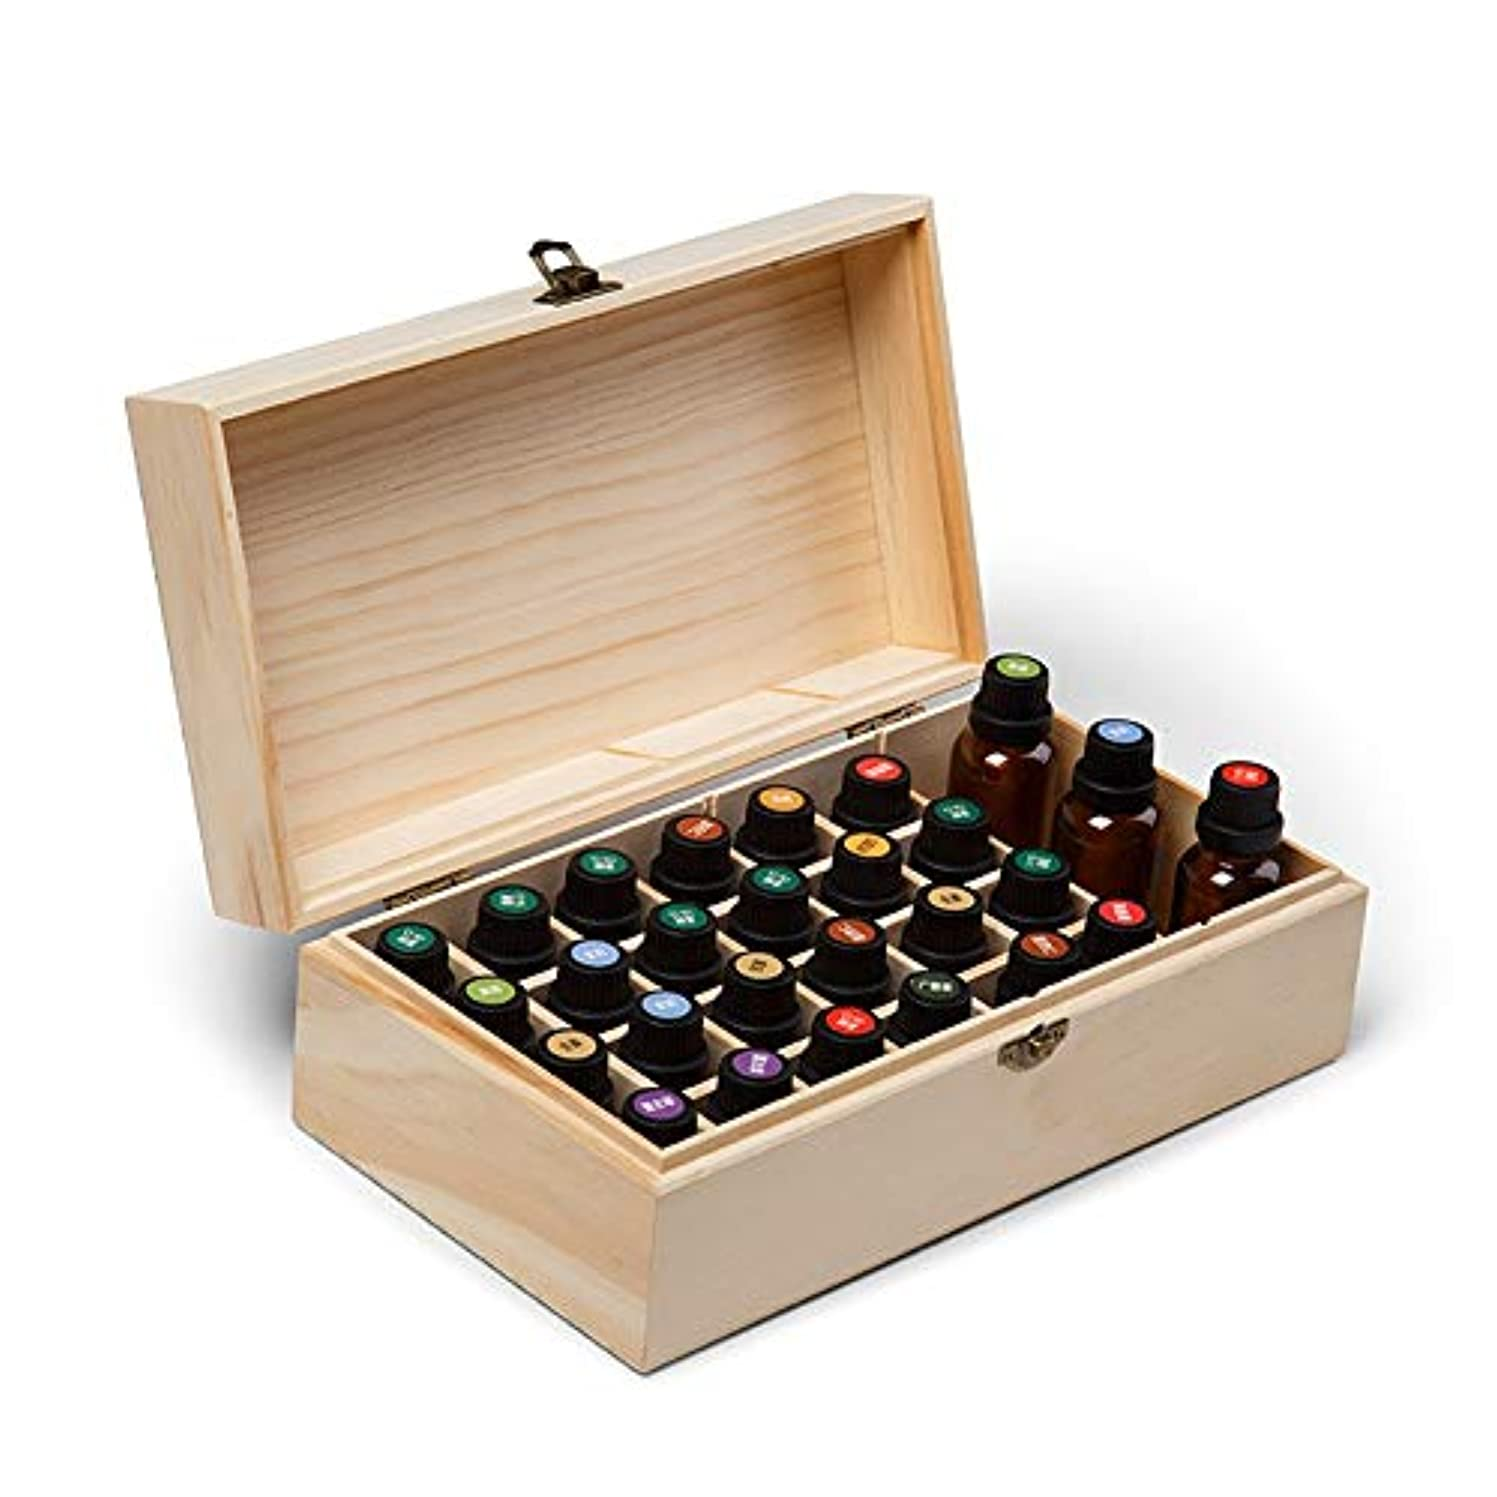 二次考えた数学者エッセンシャルオイルの保管 エッセンシャルオイル木箱油収納ケースは、25本のボトルナチュラルパインを開催します (色 : Natural, サイズ : 27X15X10CM)